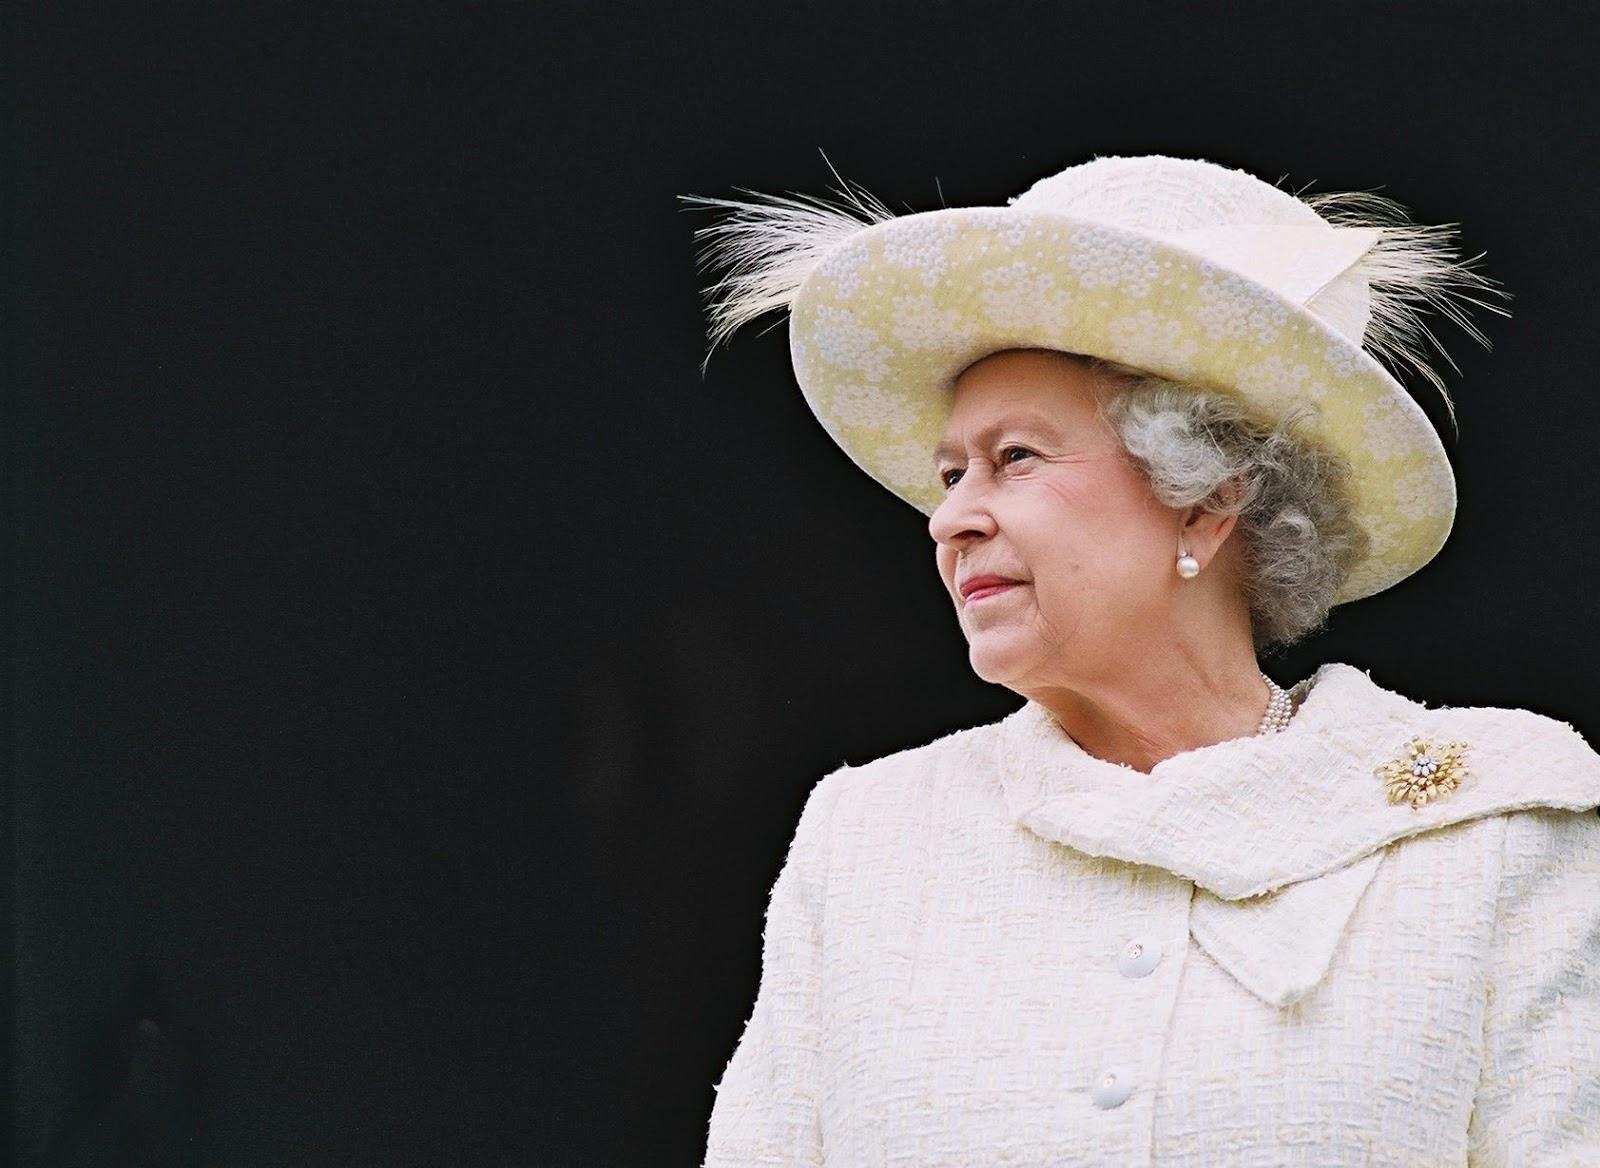 Букингемский дворец обнародовал официальную фотокарточку к90-летию ЕлизаветыII